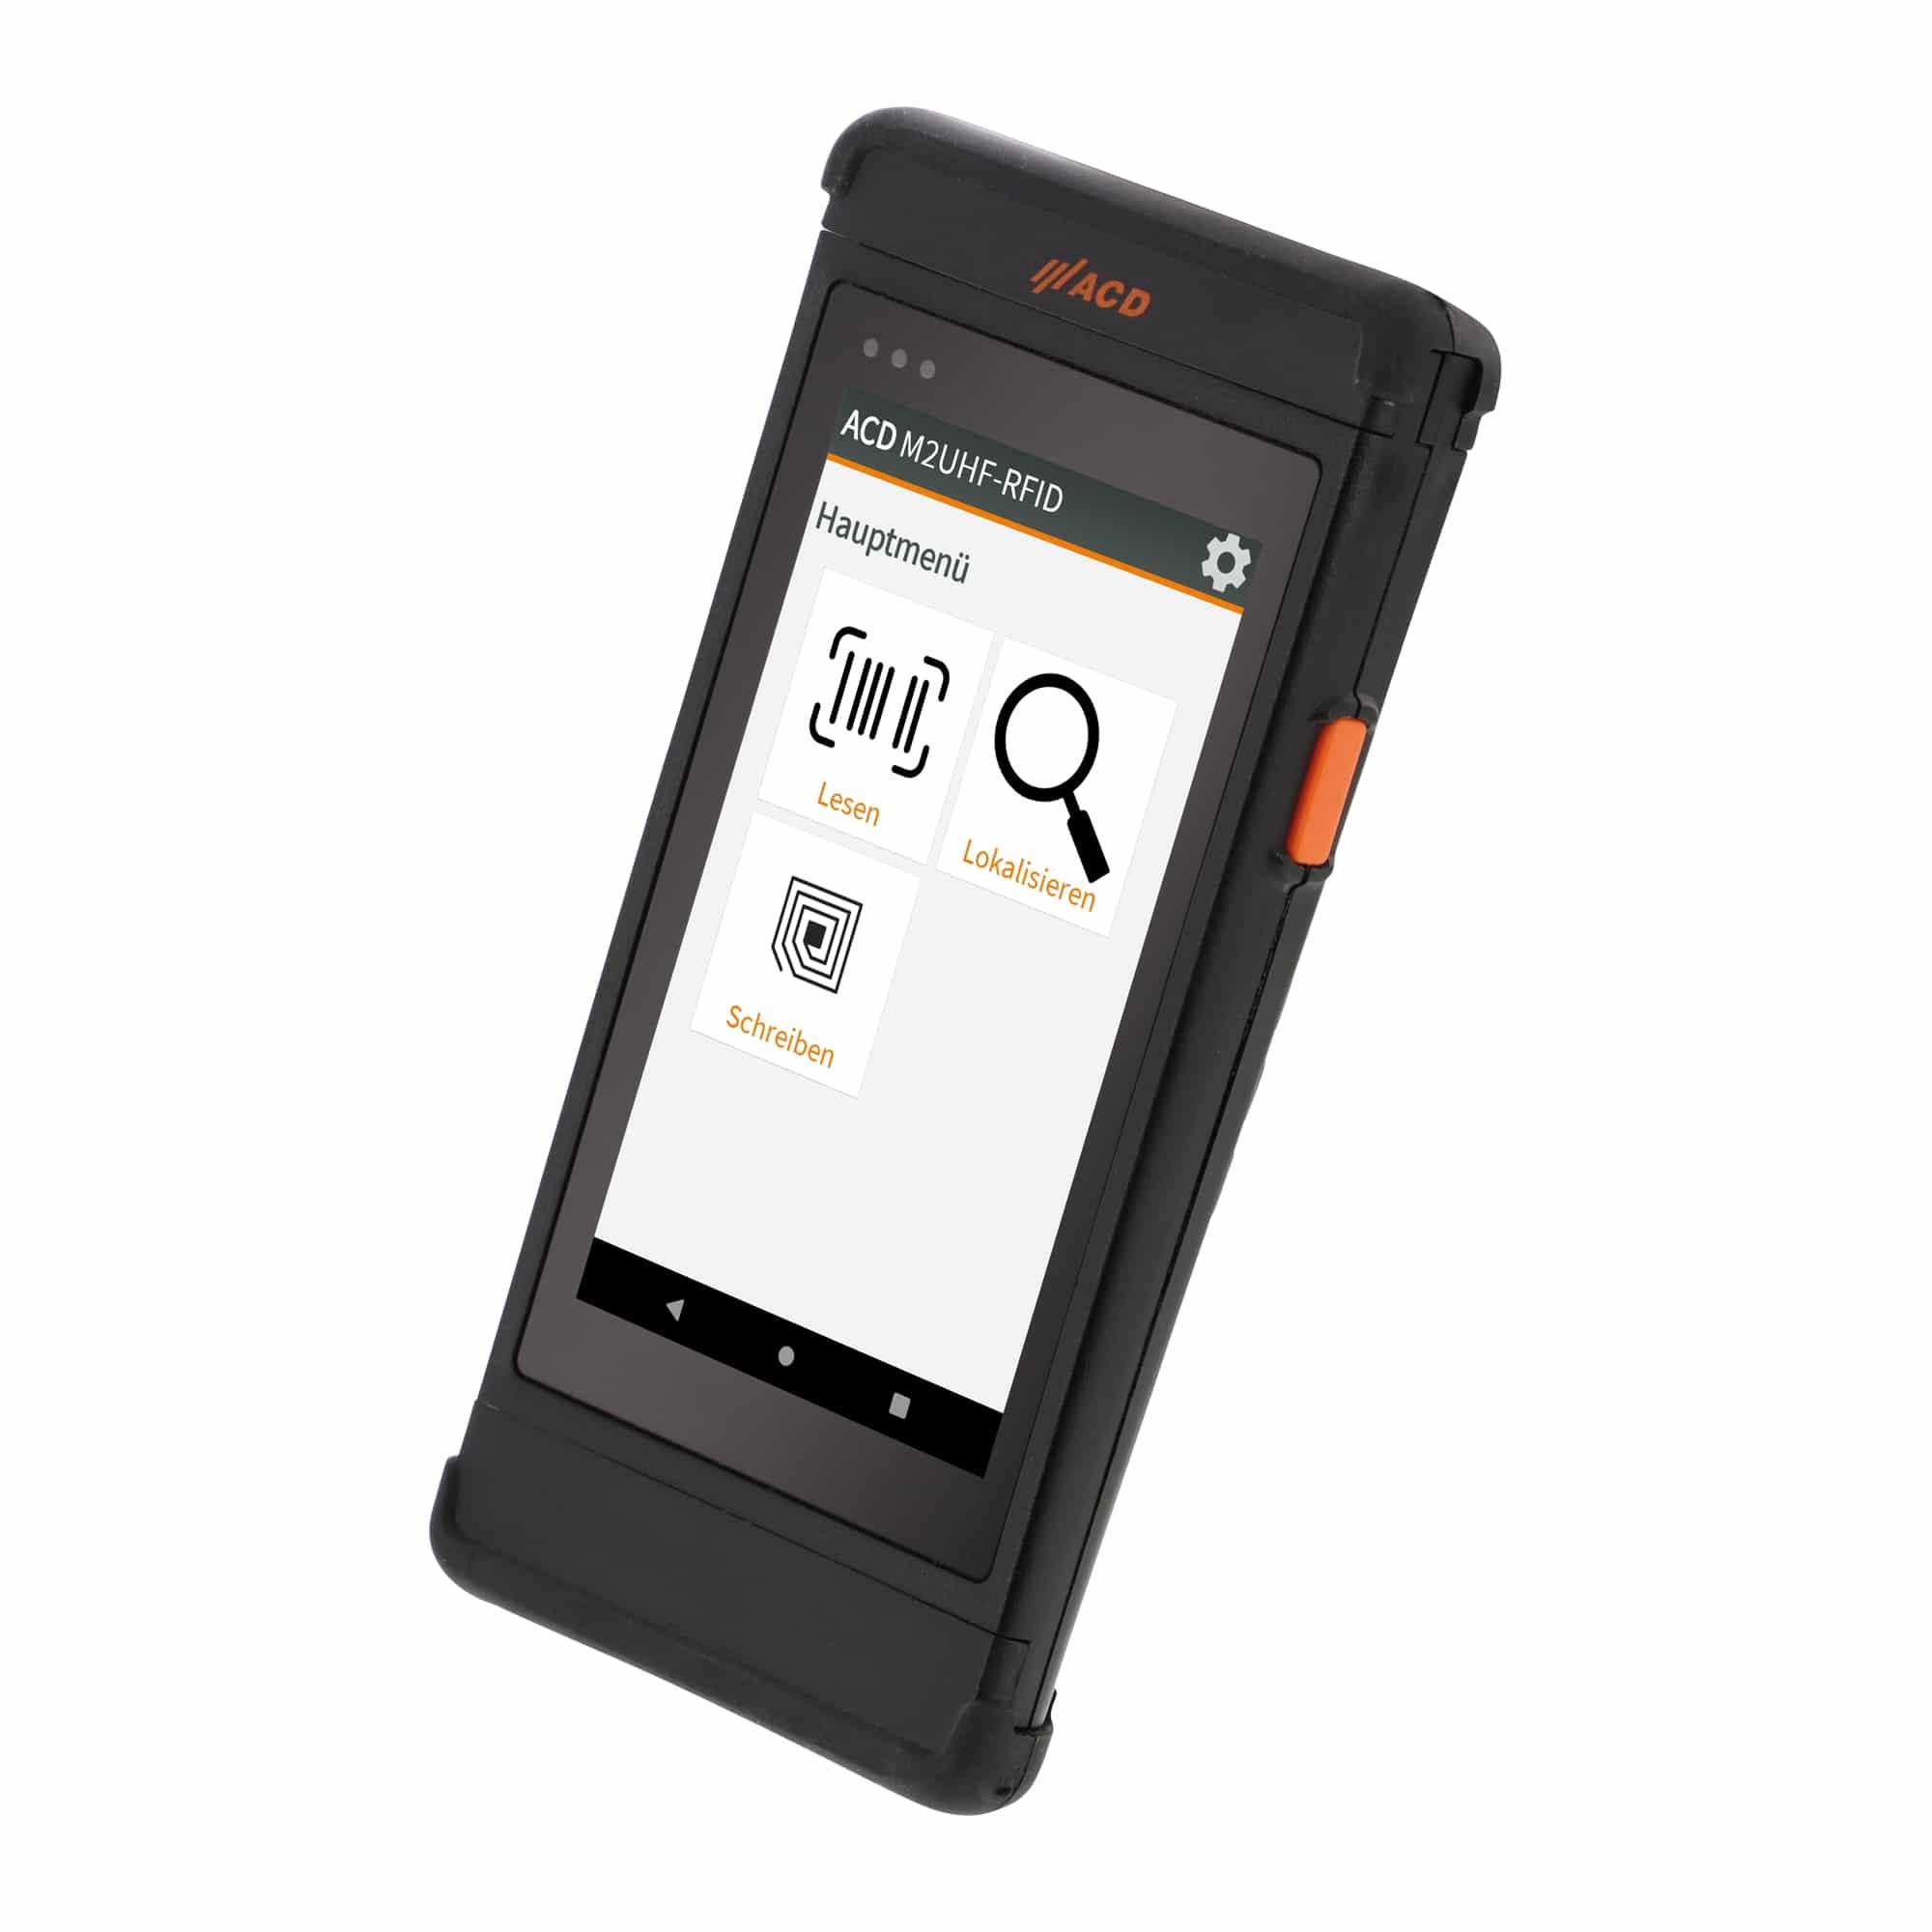 Mobiler Handheld Computer M2SmartSE mit integriertem HF-RFID